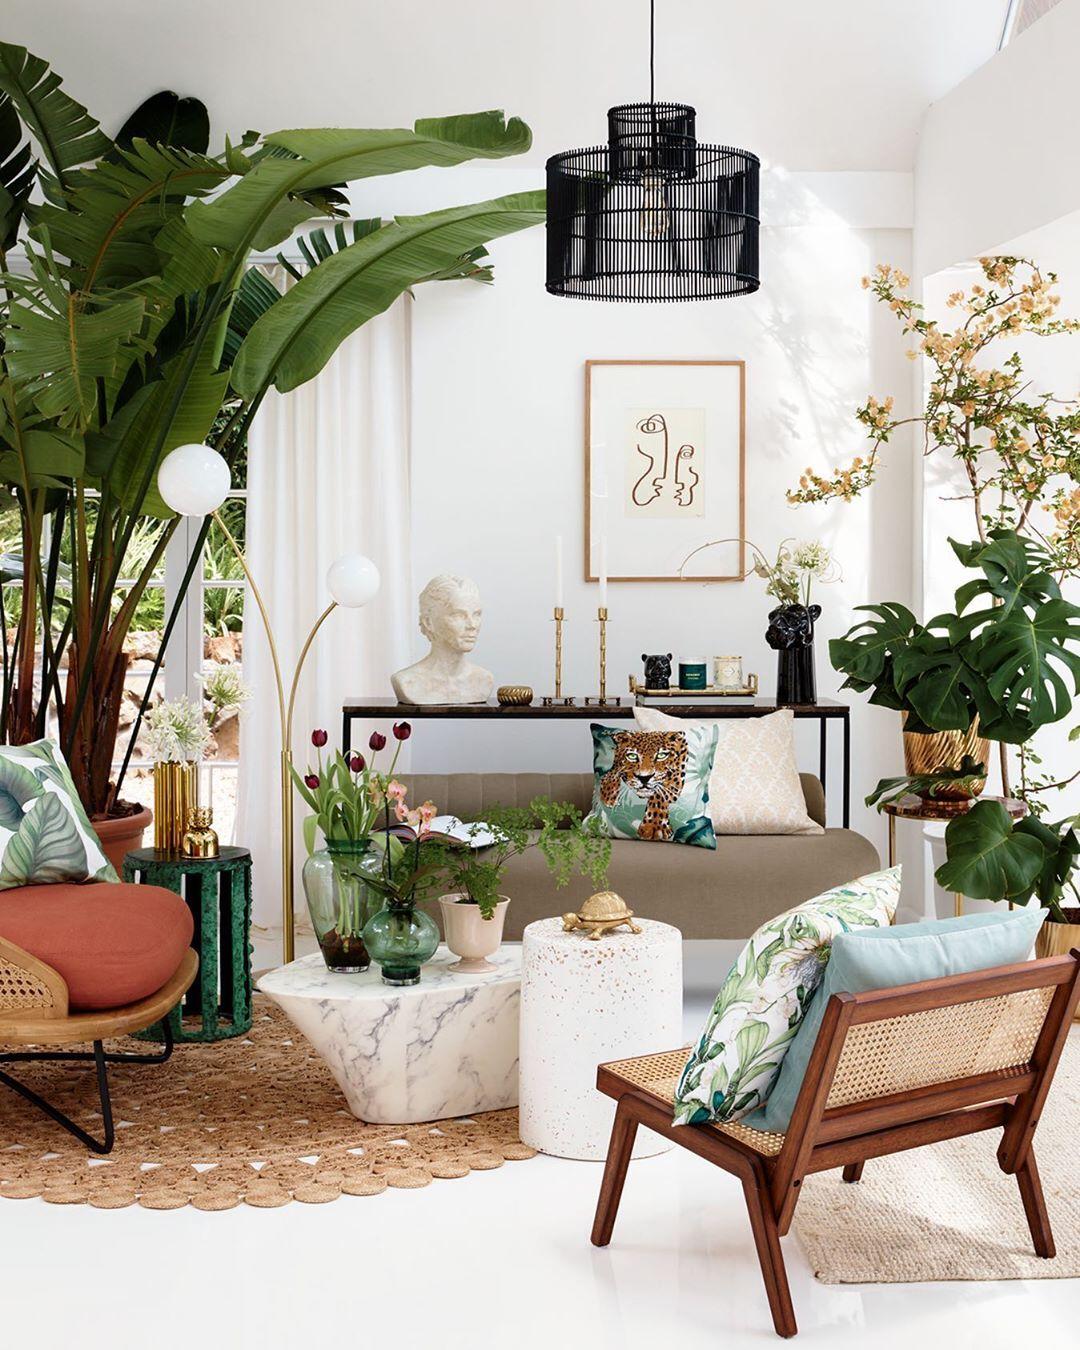 Palme tropisches Dekor im tropischen Wohnzimmer über H & M nach Hause